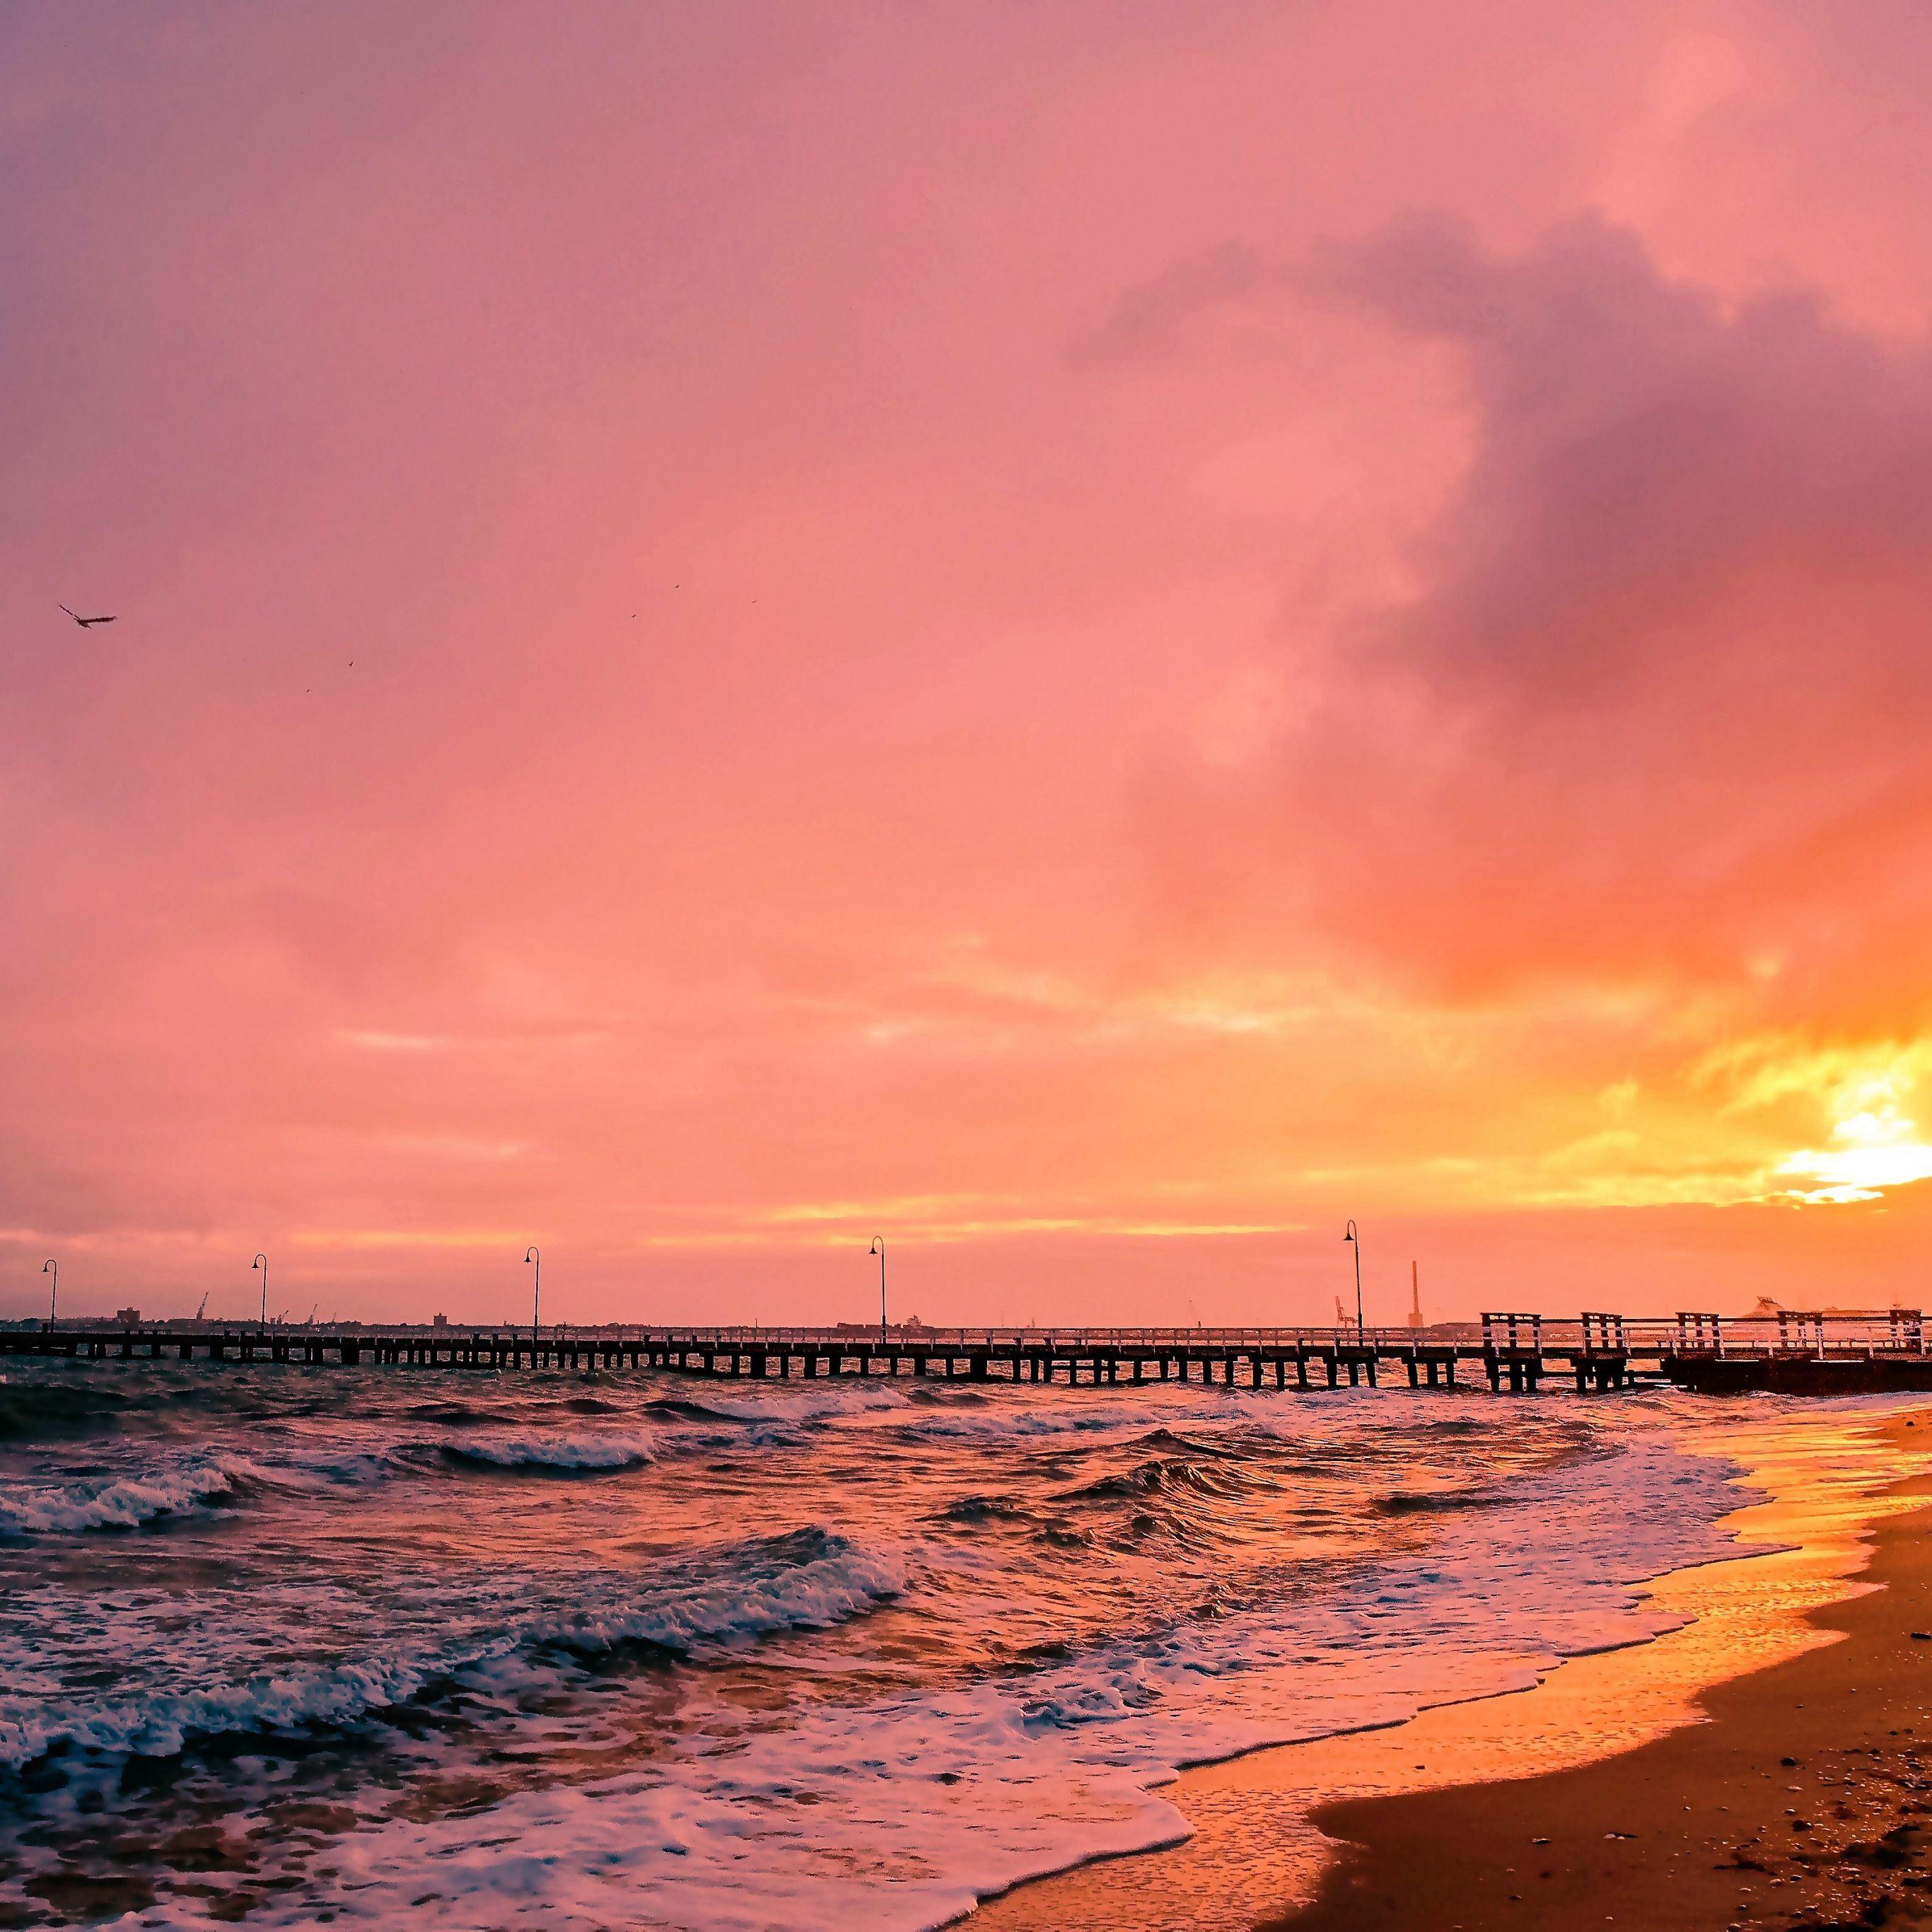 Sunset sea sun landscape iPad Pro wallpaper